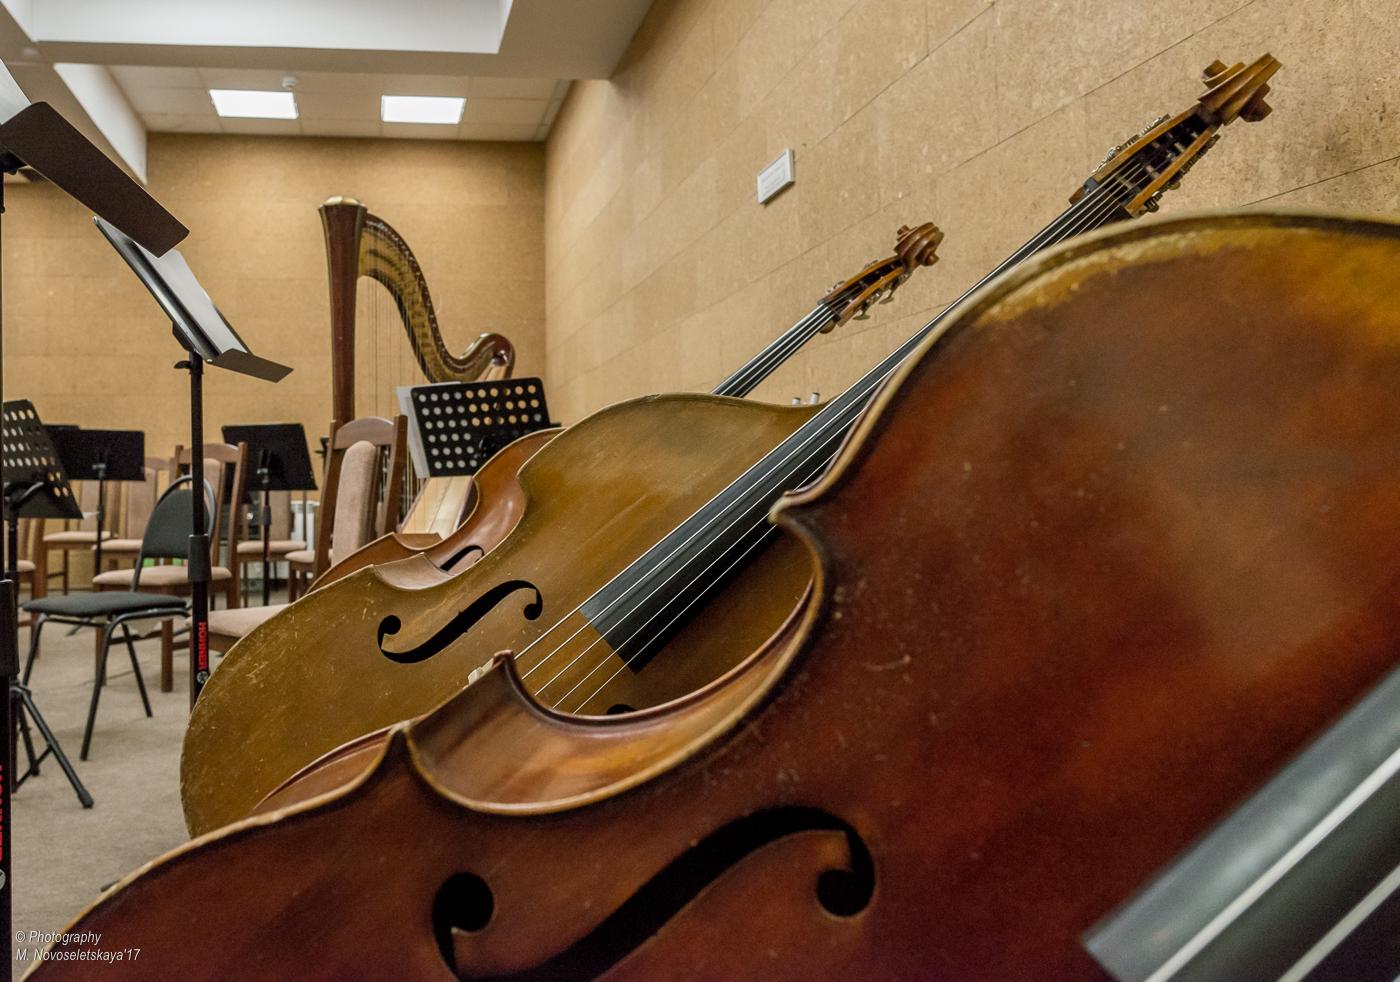 Культ профессии: муфельные щипцы, гитара и ценности эпохи в руках профессионалов